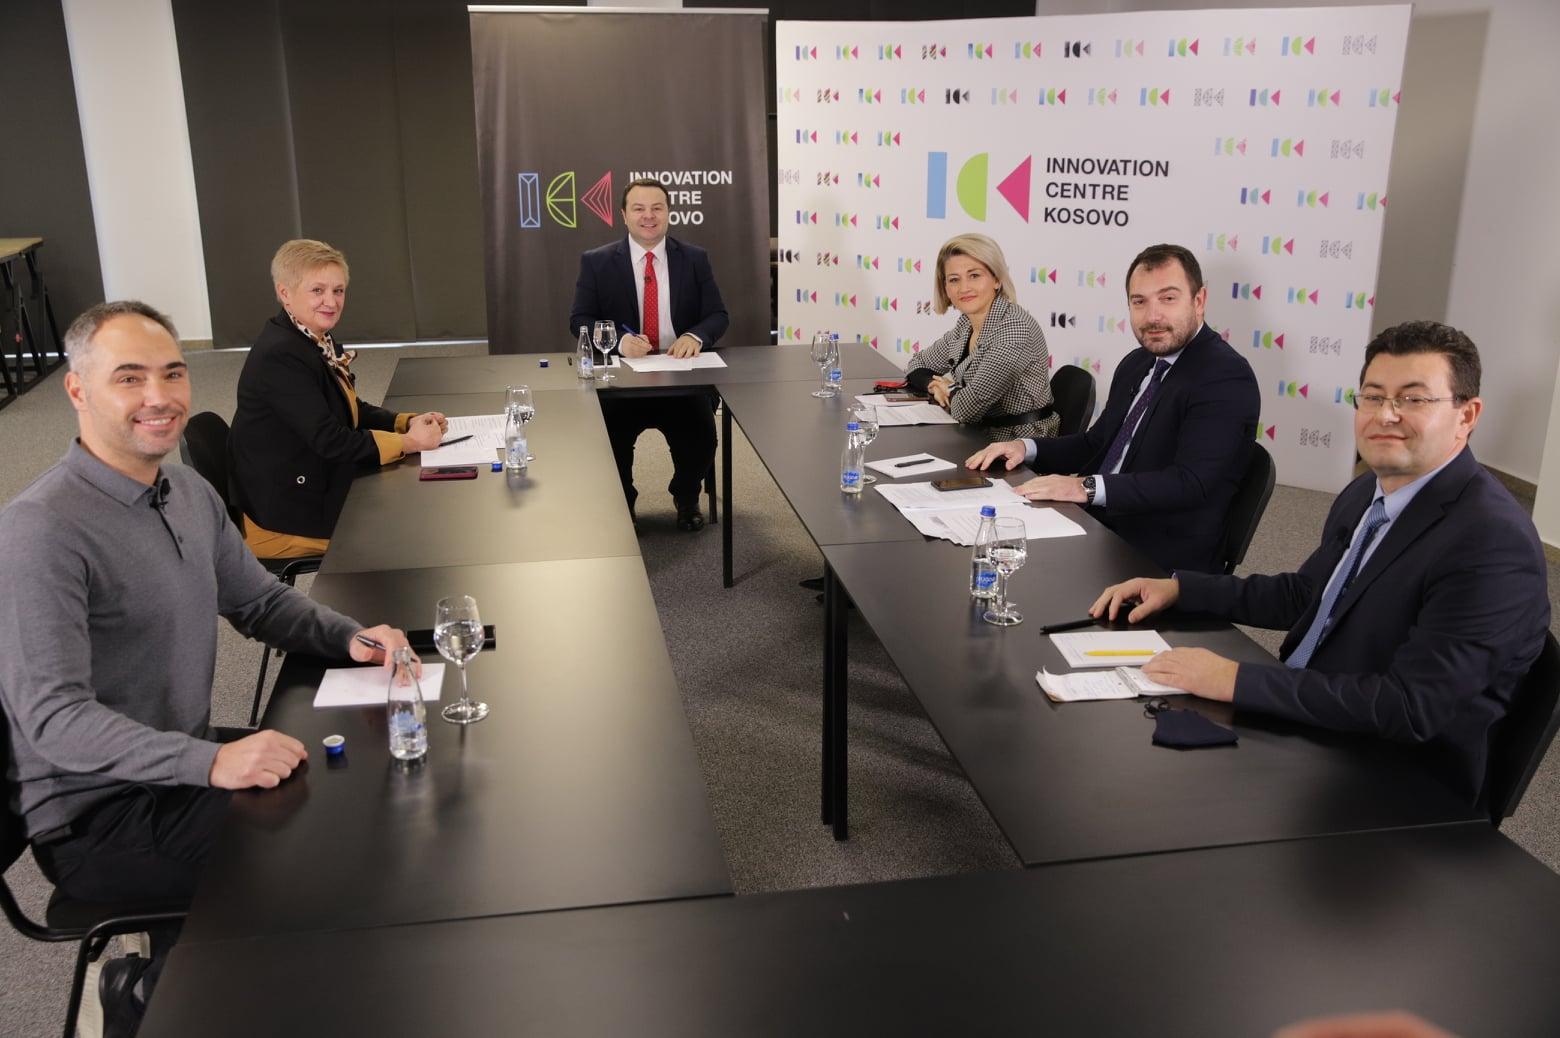 Ndërhyrjet e domosdoshme për zhvillimin e sektorit të TIK në Kosovë - sygjerime për Kuvendin dhe Qeverinë